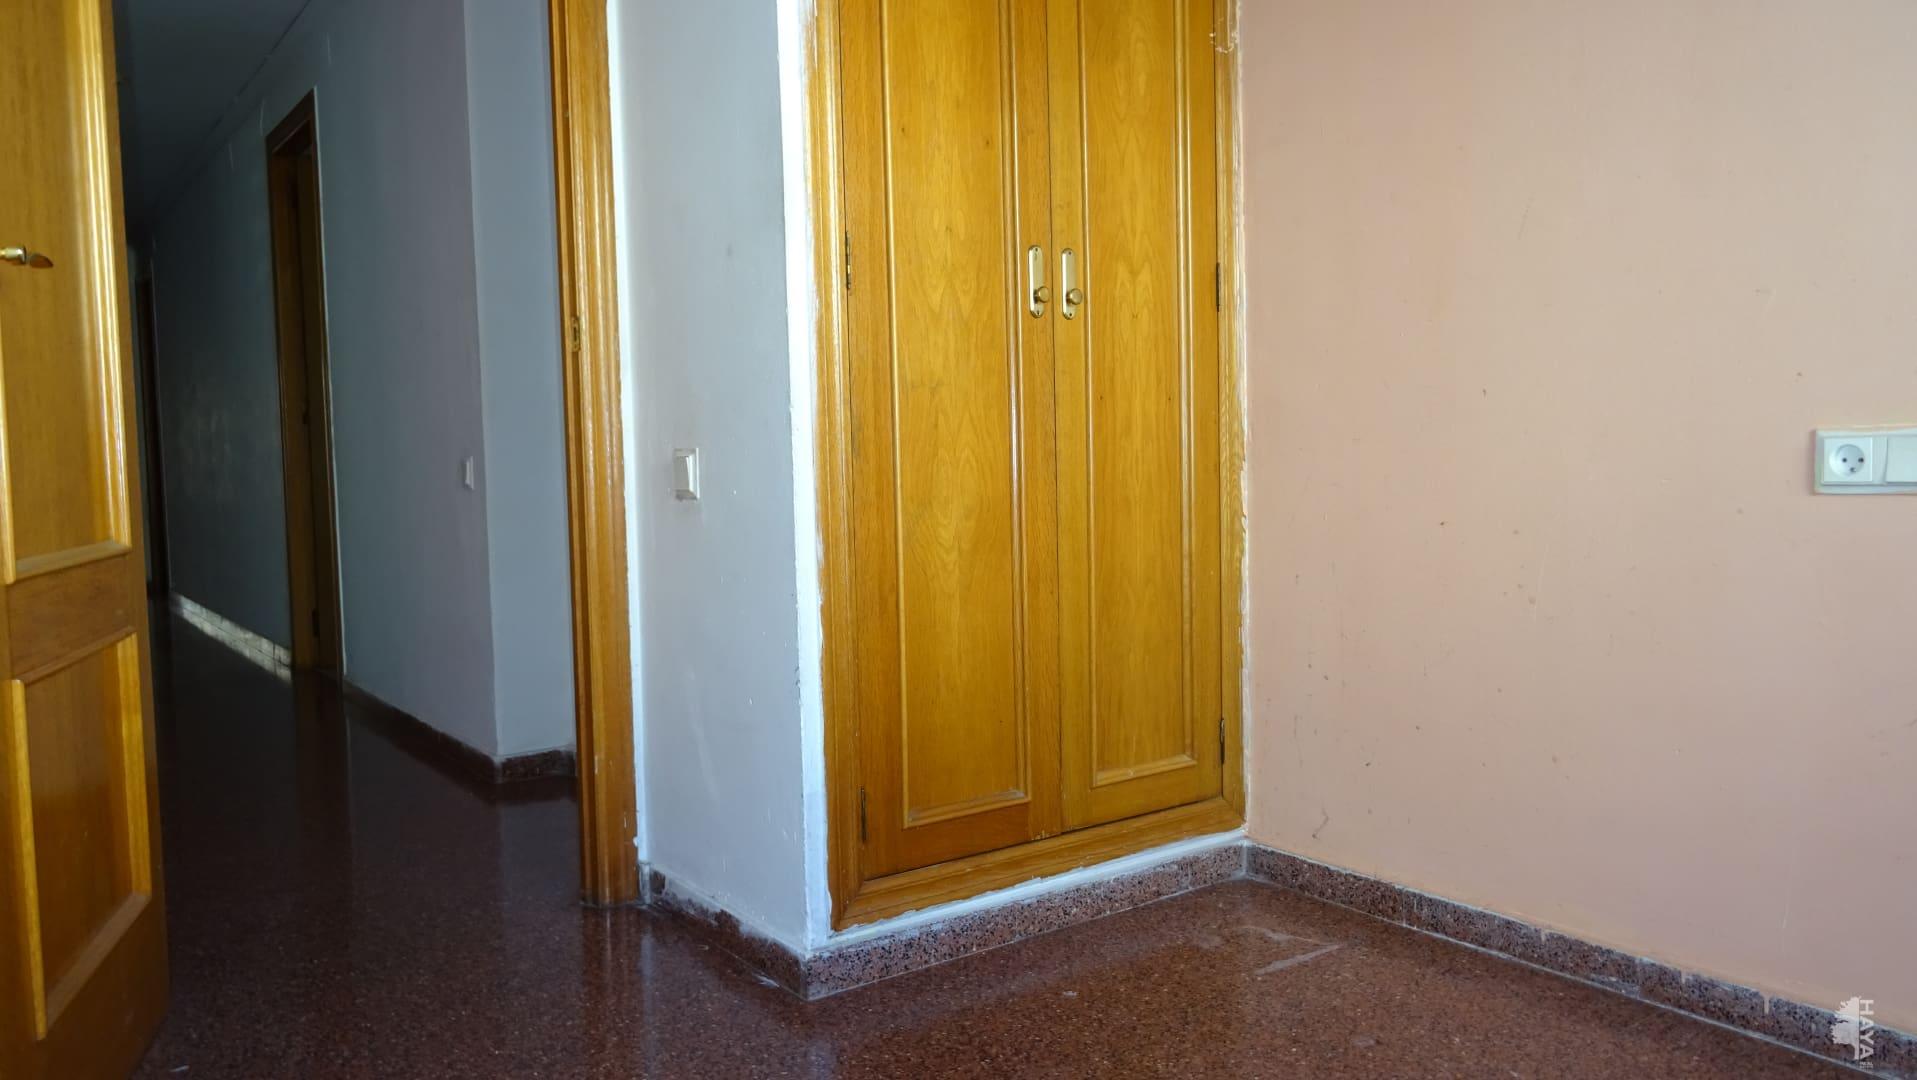 Piso en venta en calle ciudad de barcelona 7, 2a, 3, 46701 gandia.  l.a riqueza de la imag - imagenInmueble7